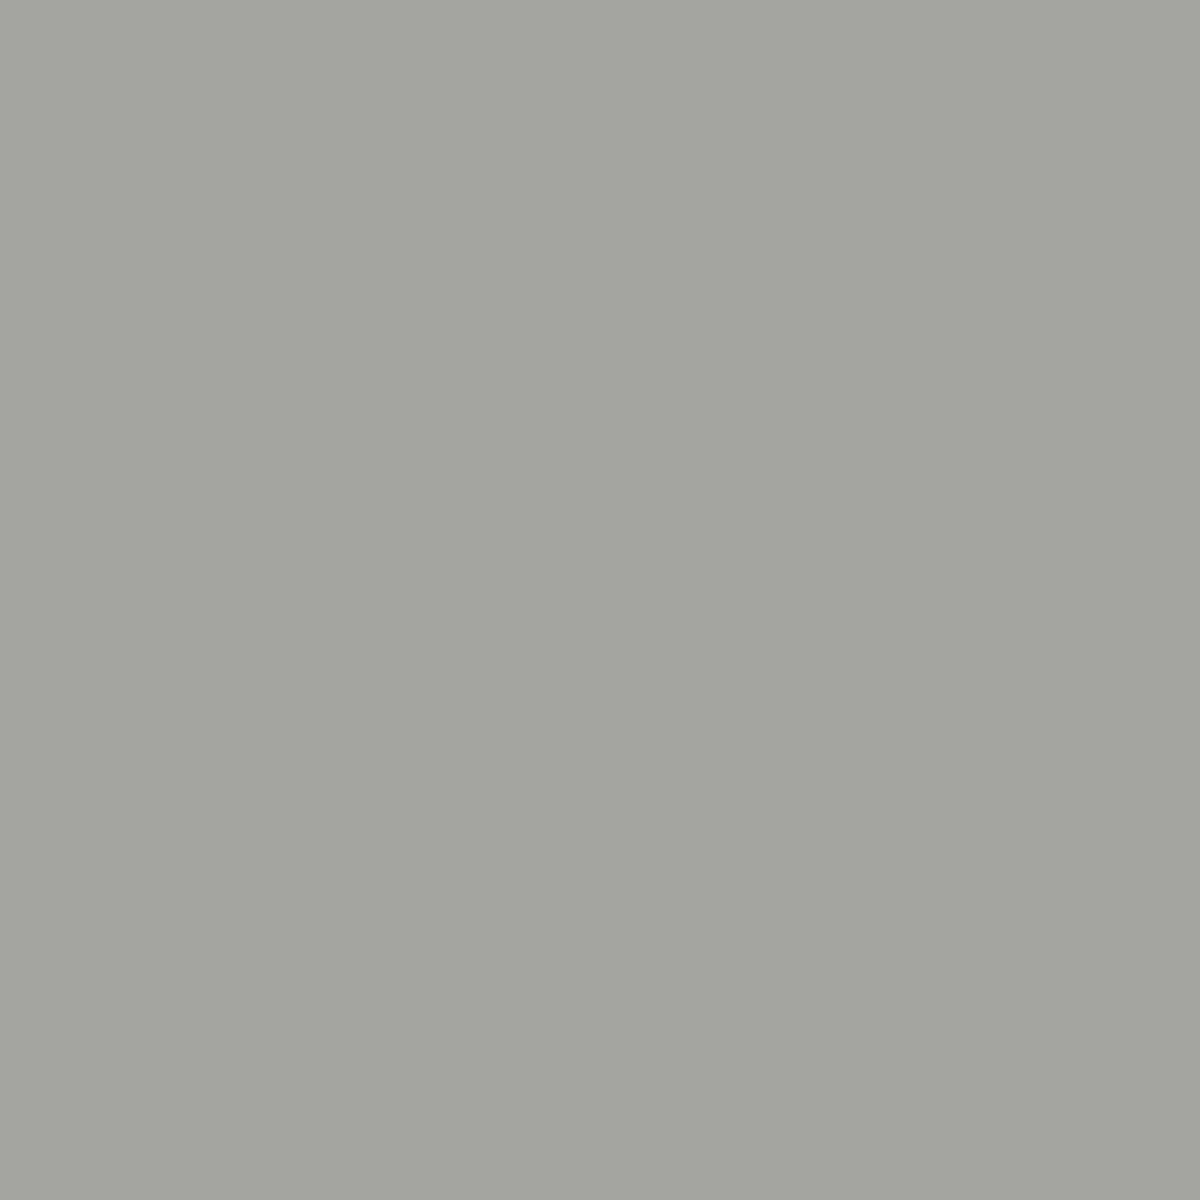 Bild 2 von BAUFIX 2in1 Express Deckfarbe dunkelgrau 2-er Set